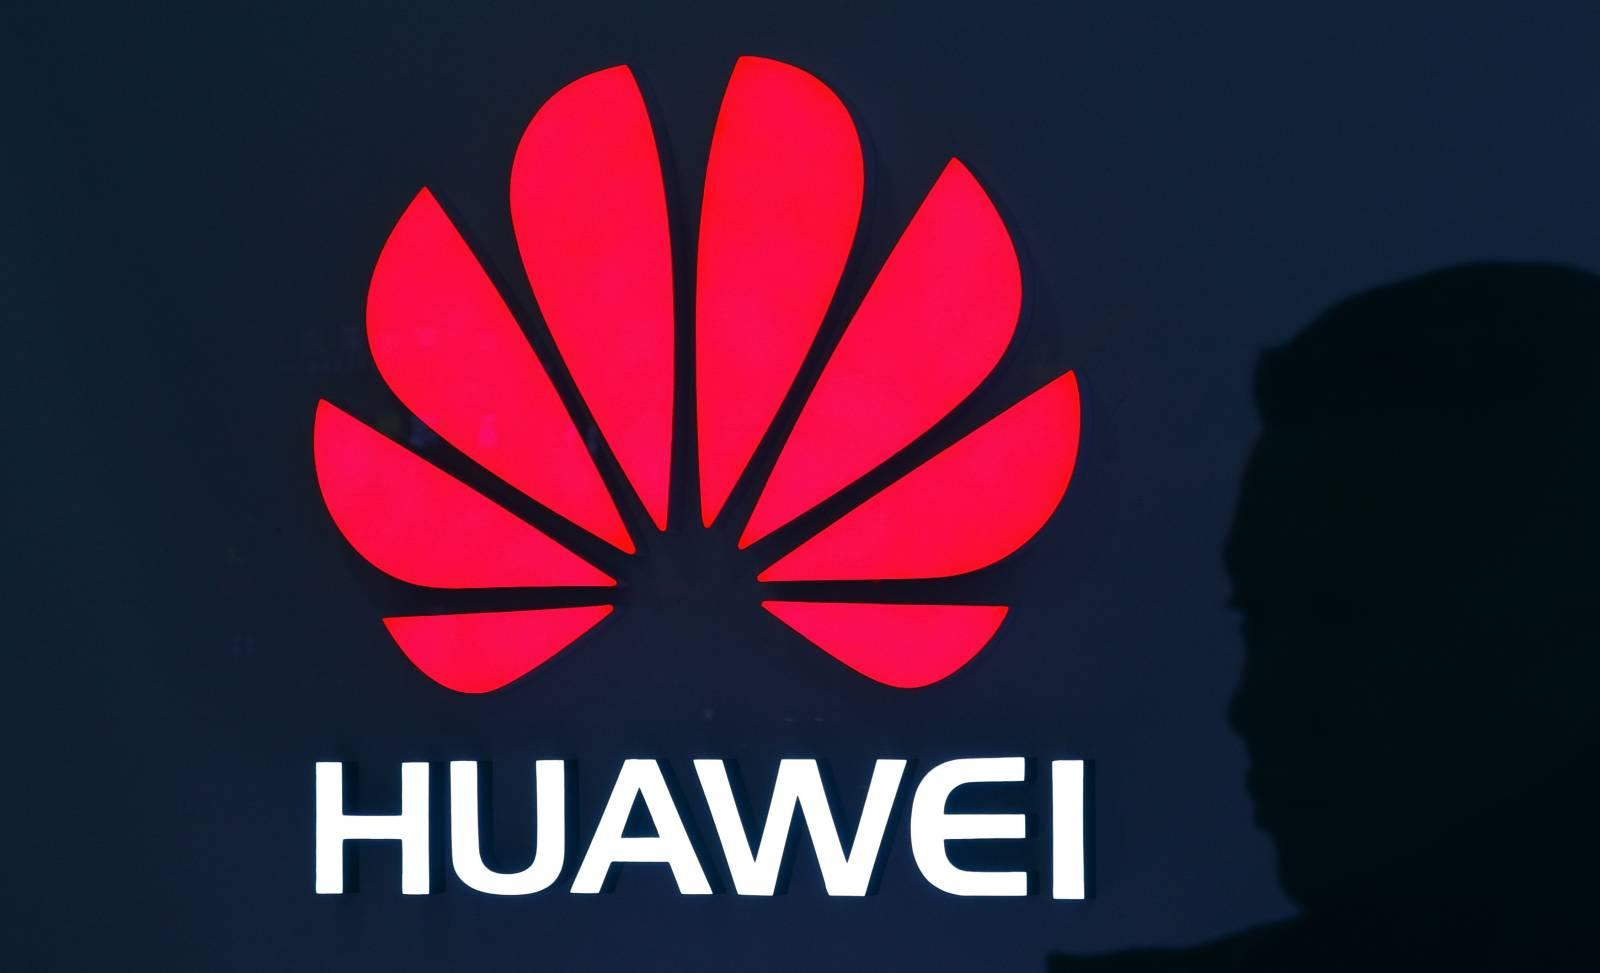 Huawei biometric